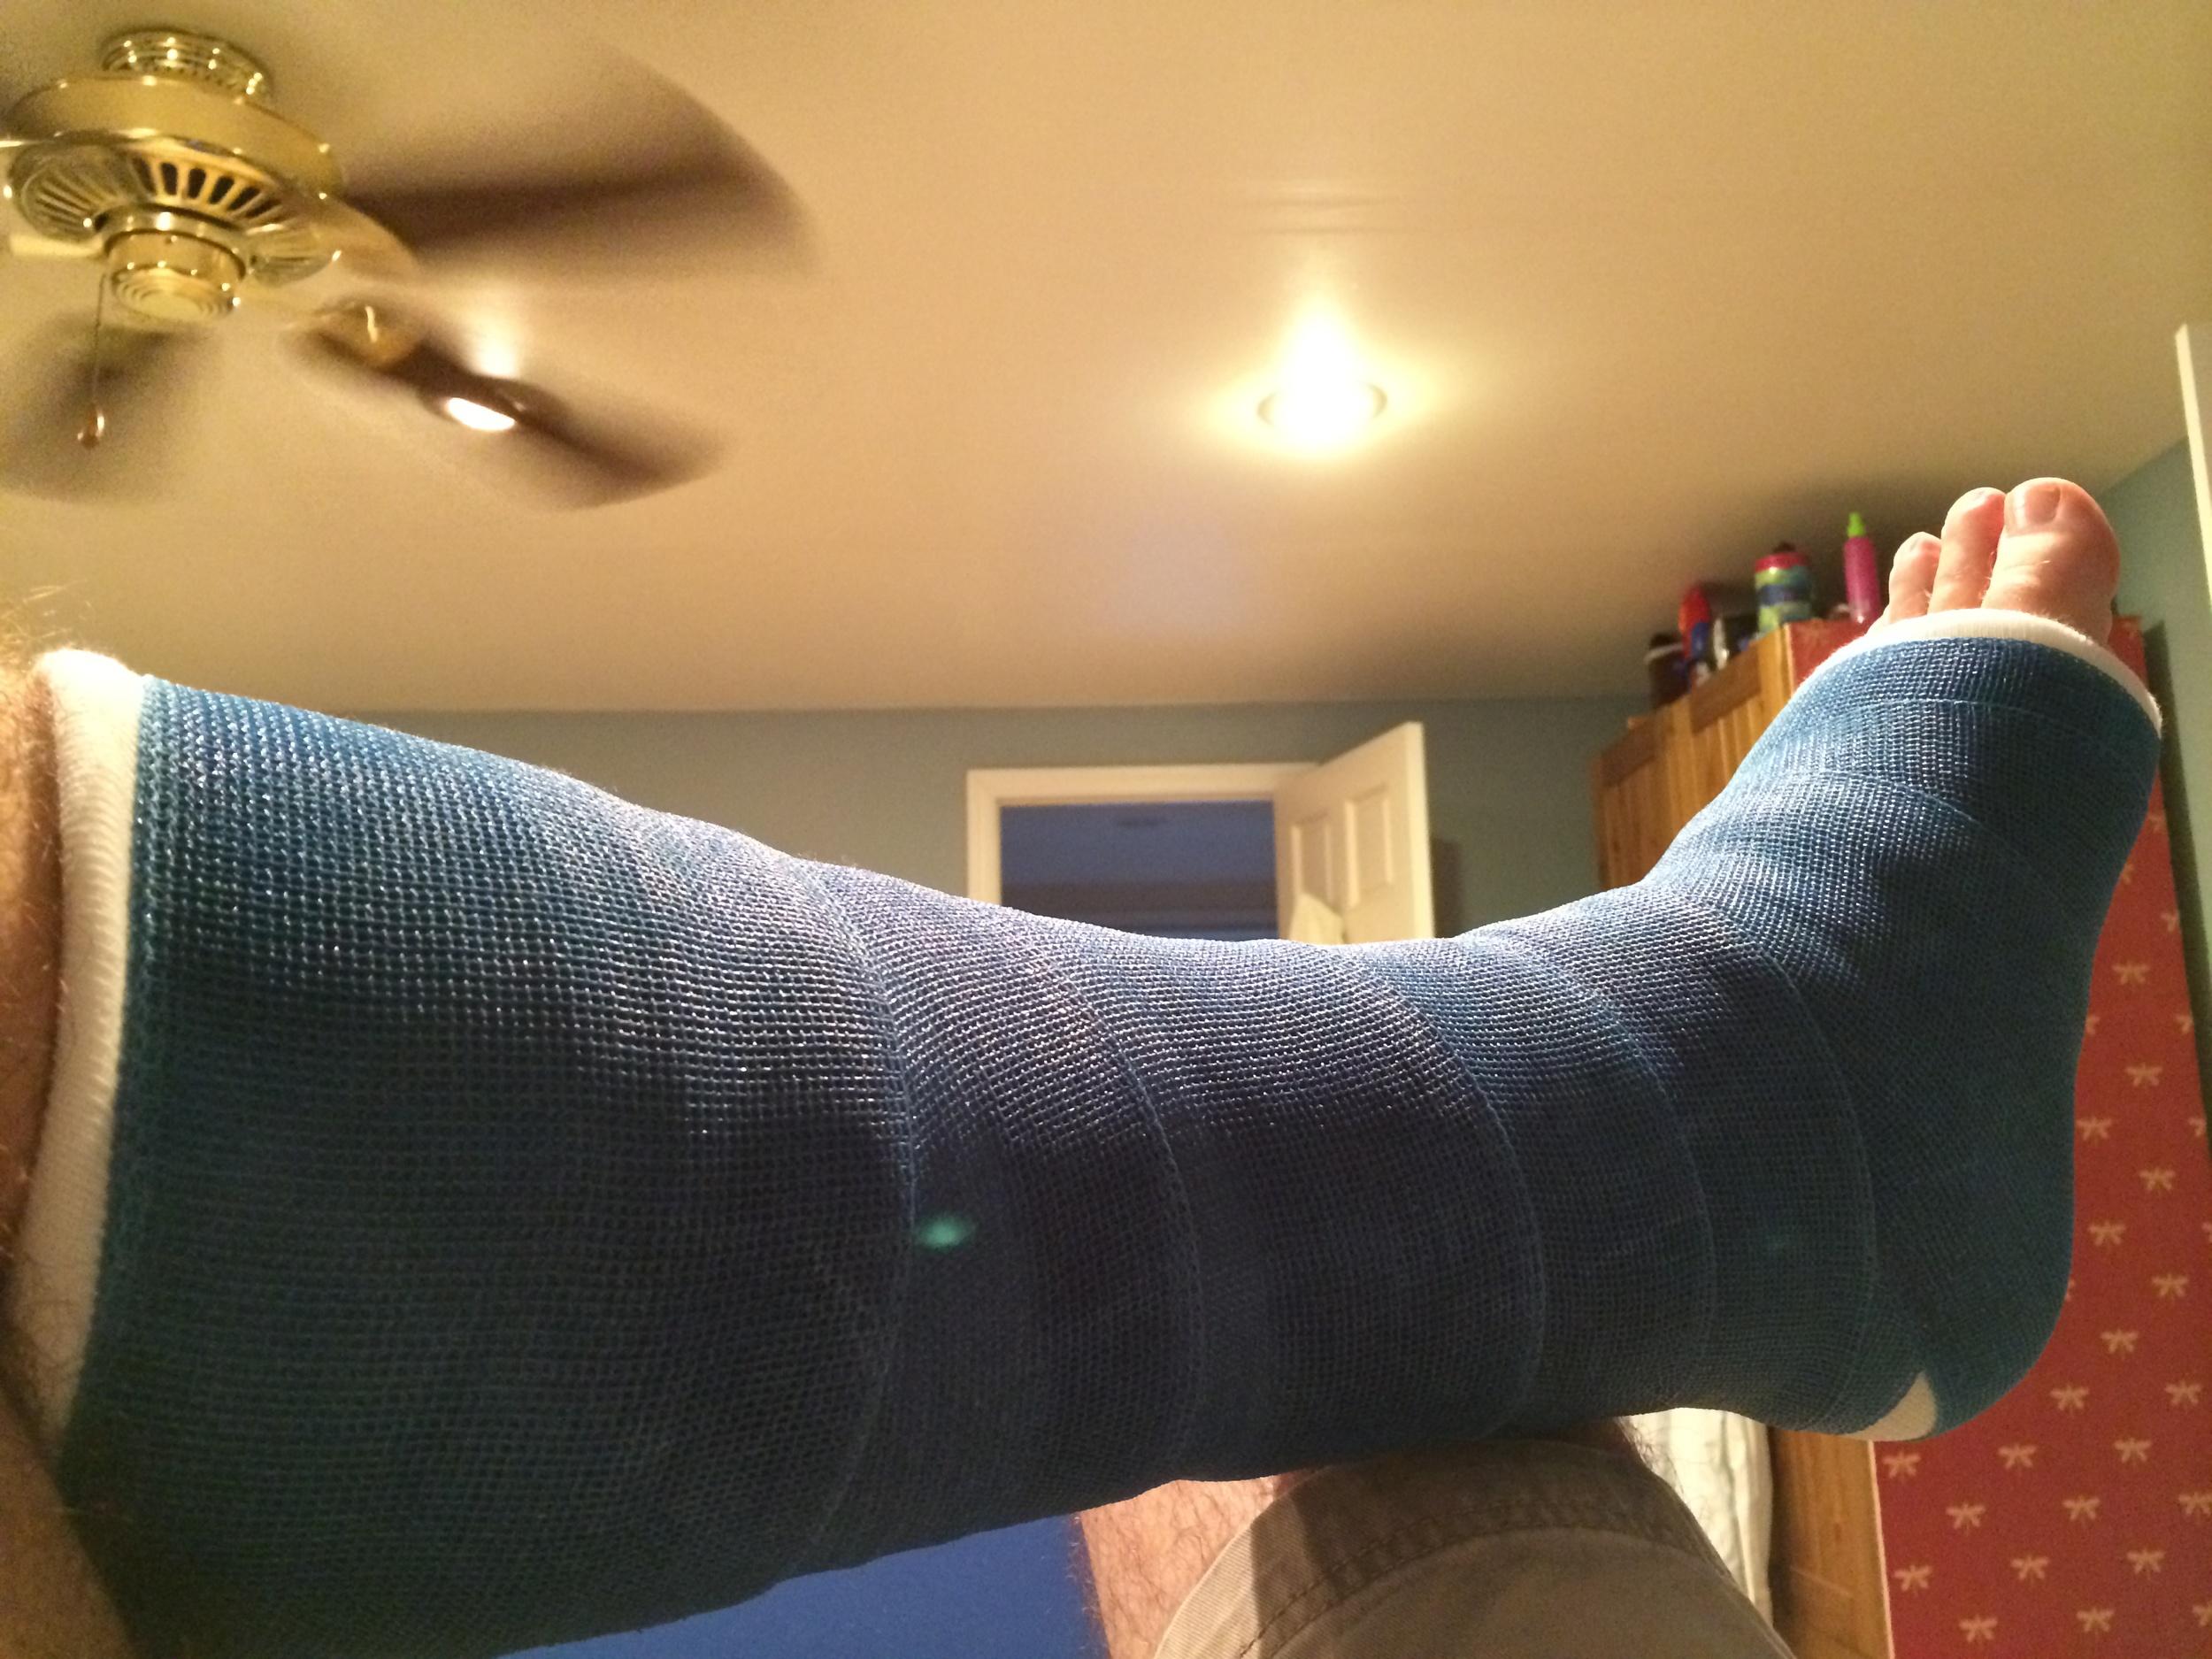 Like my blue cast?